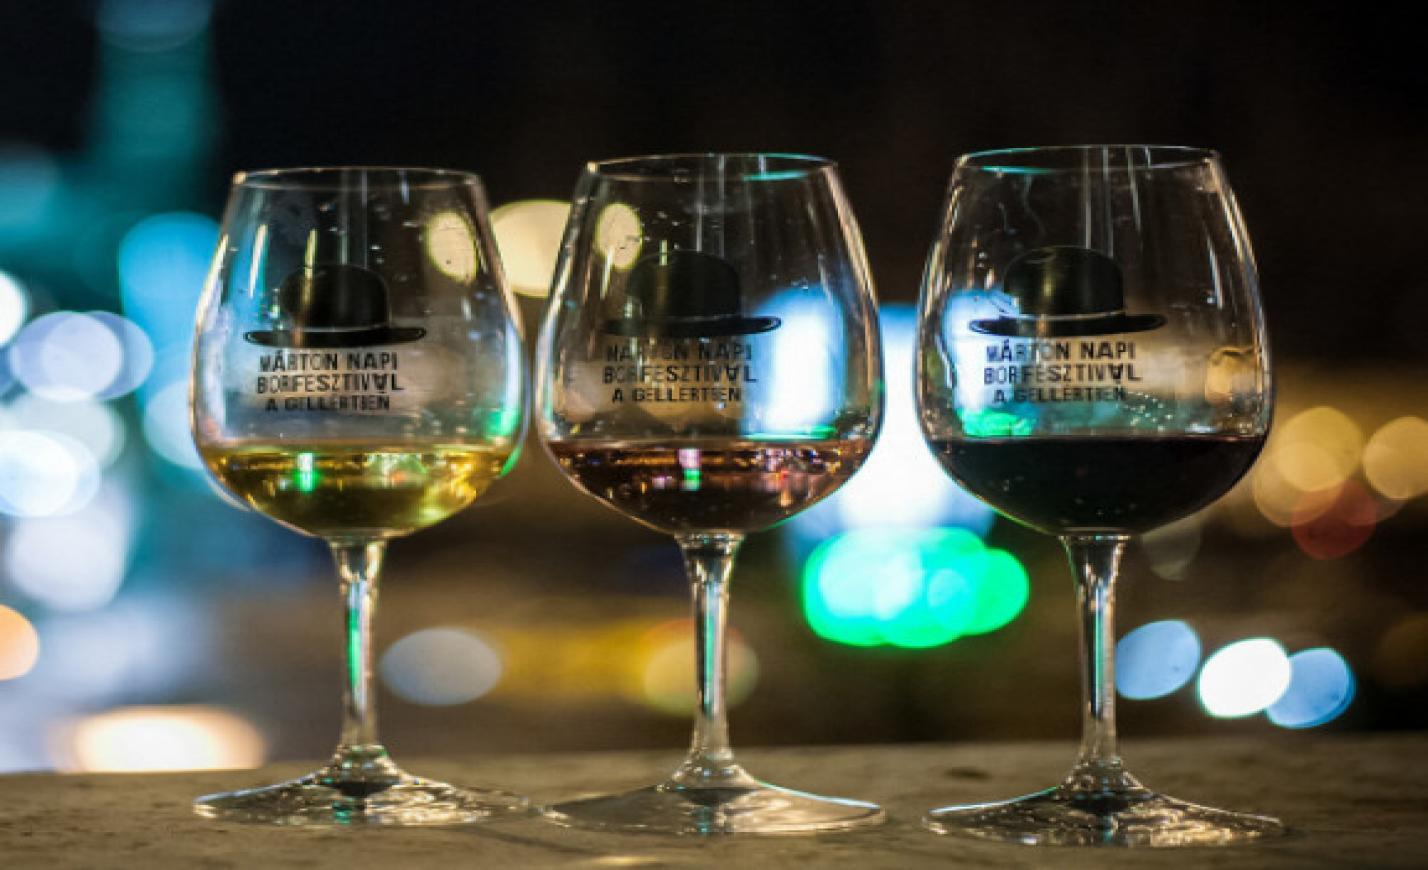 A legkiválóbb hazai borászok a Gellértben - borozz velük a Márton napon!